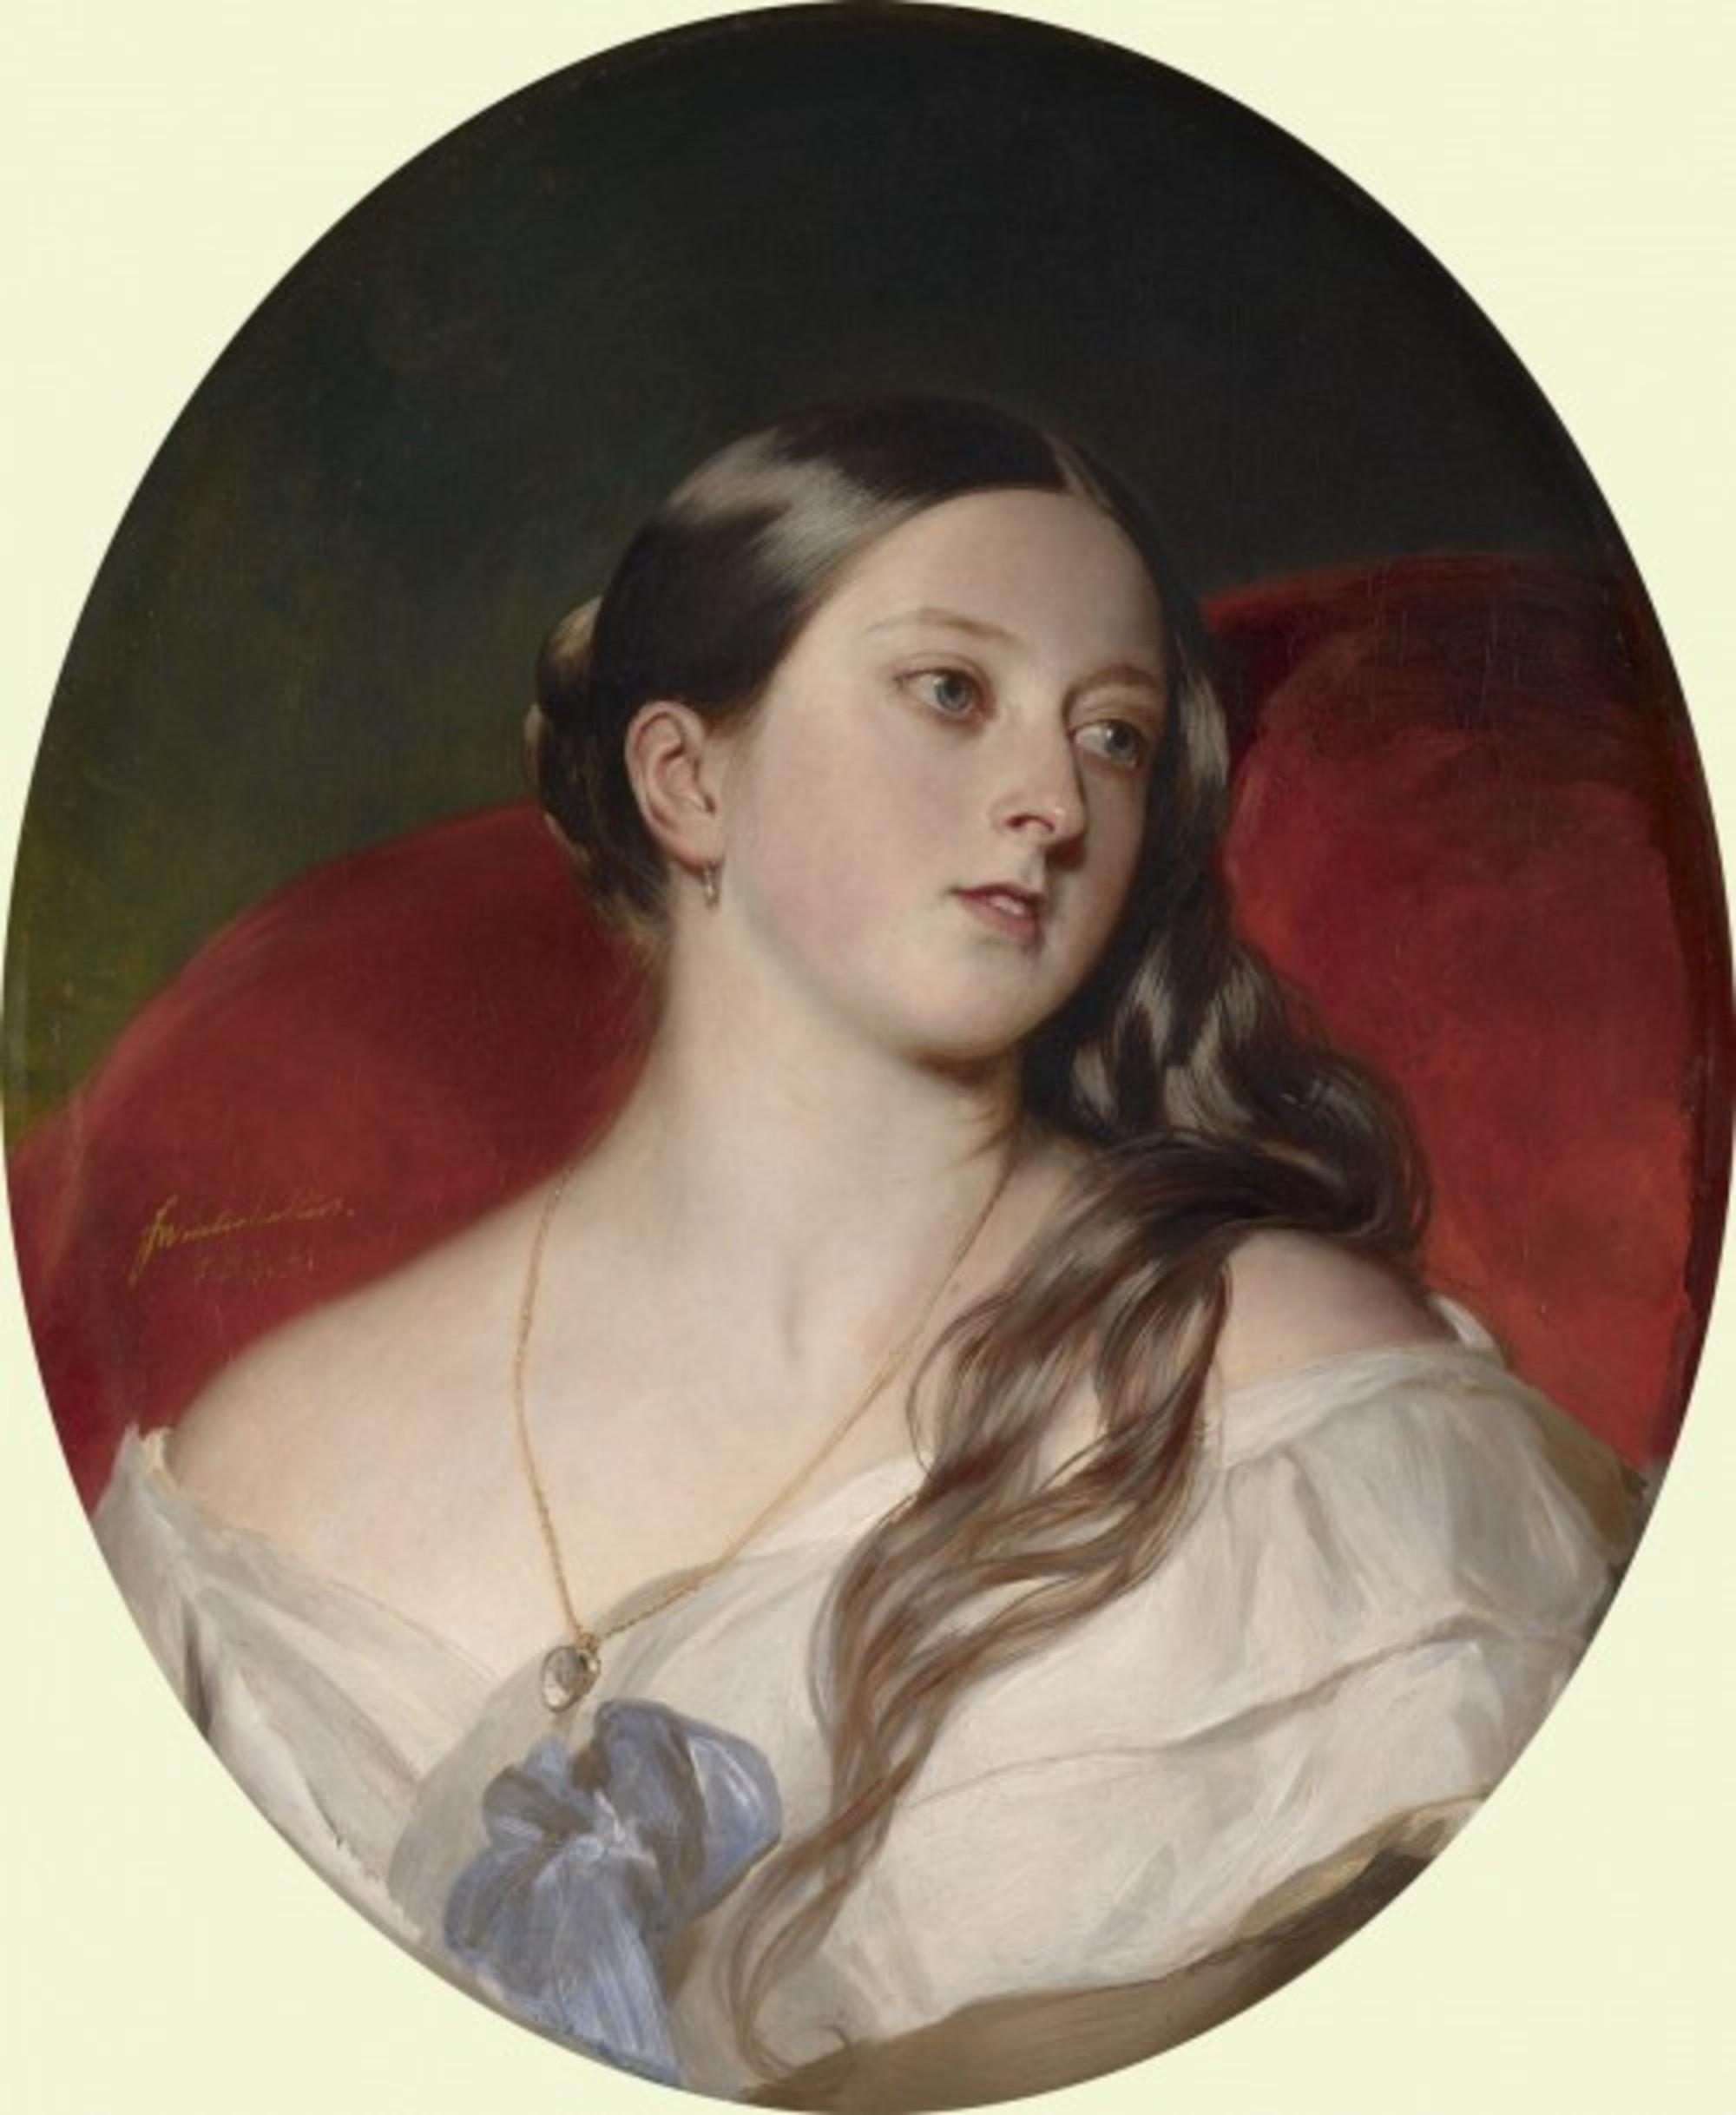 Winterhalter---Queen-Victoria-1843.jpg